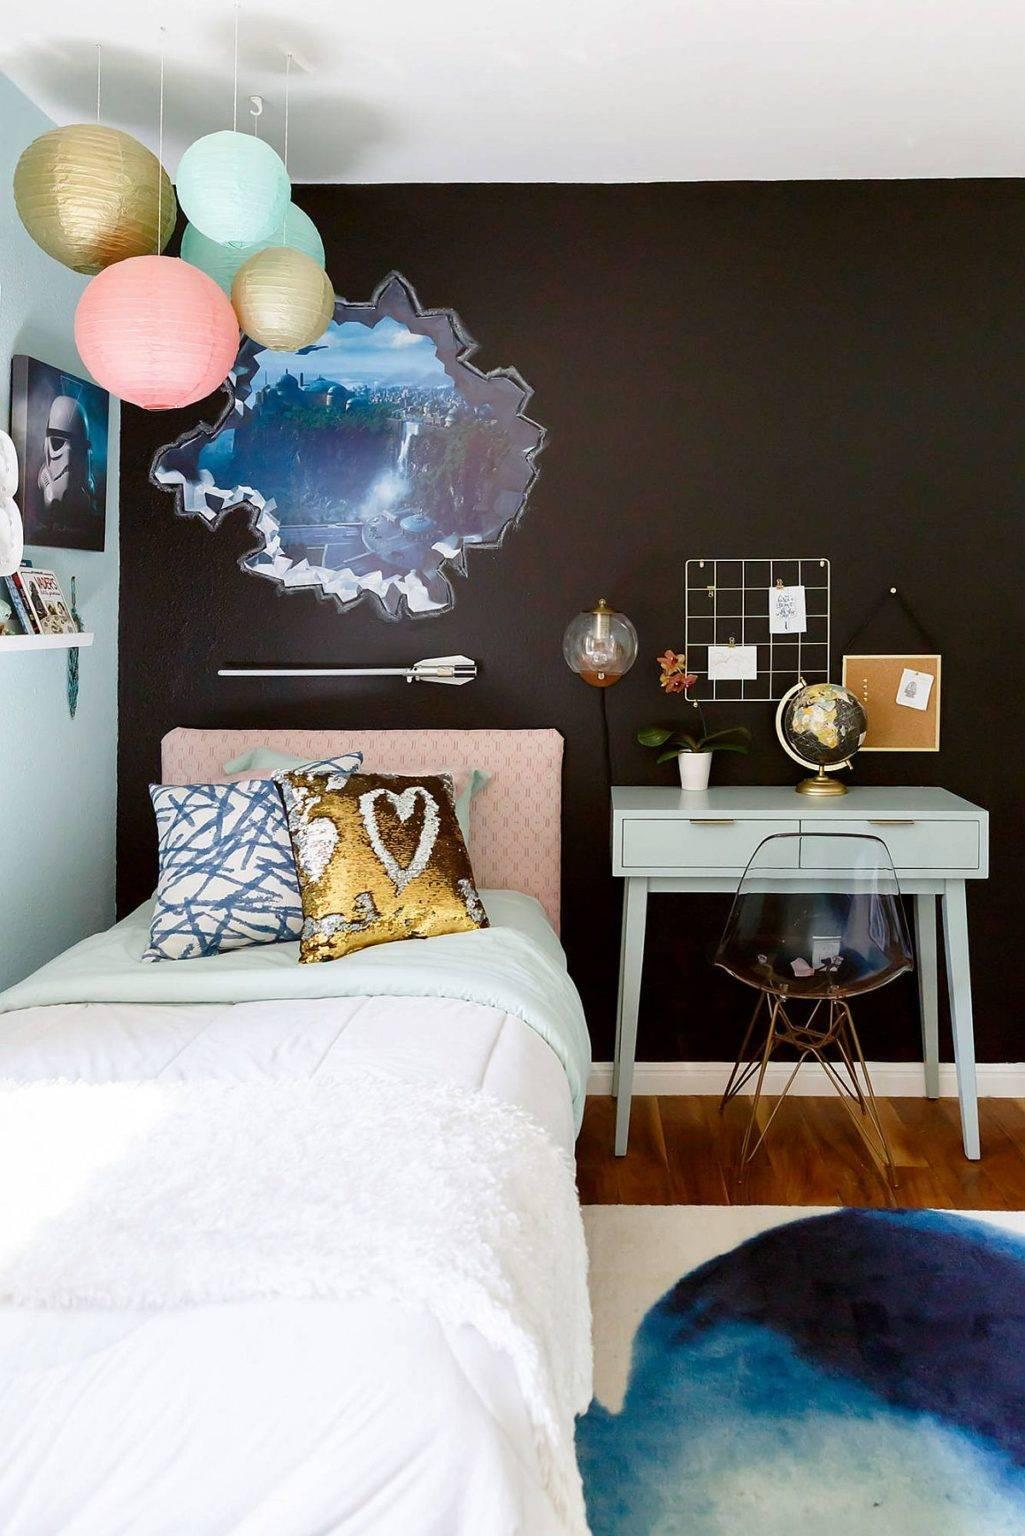 Màu đen trong phòng ngủ này giúp gia tăng chiều sâu cho căn phòng.